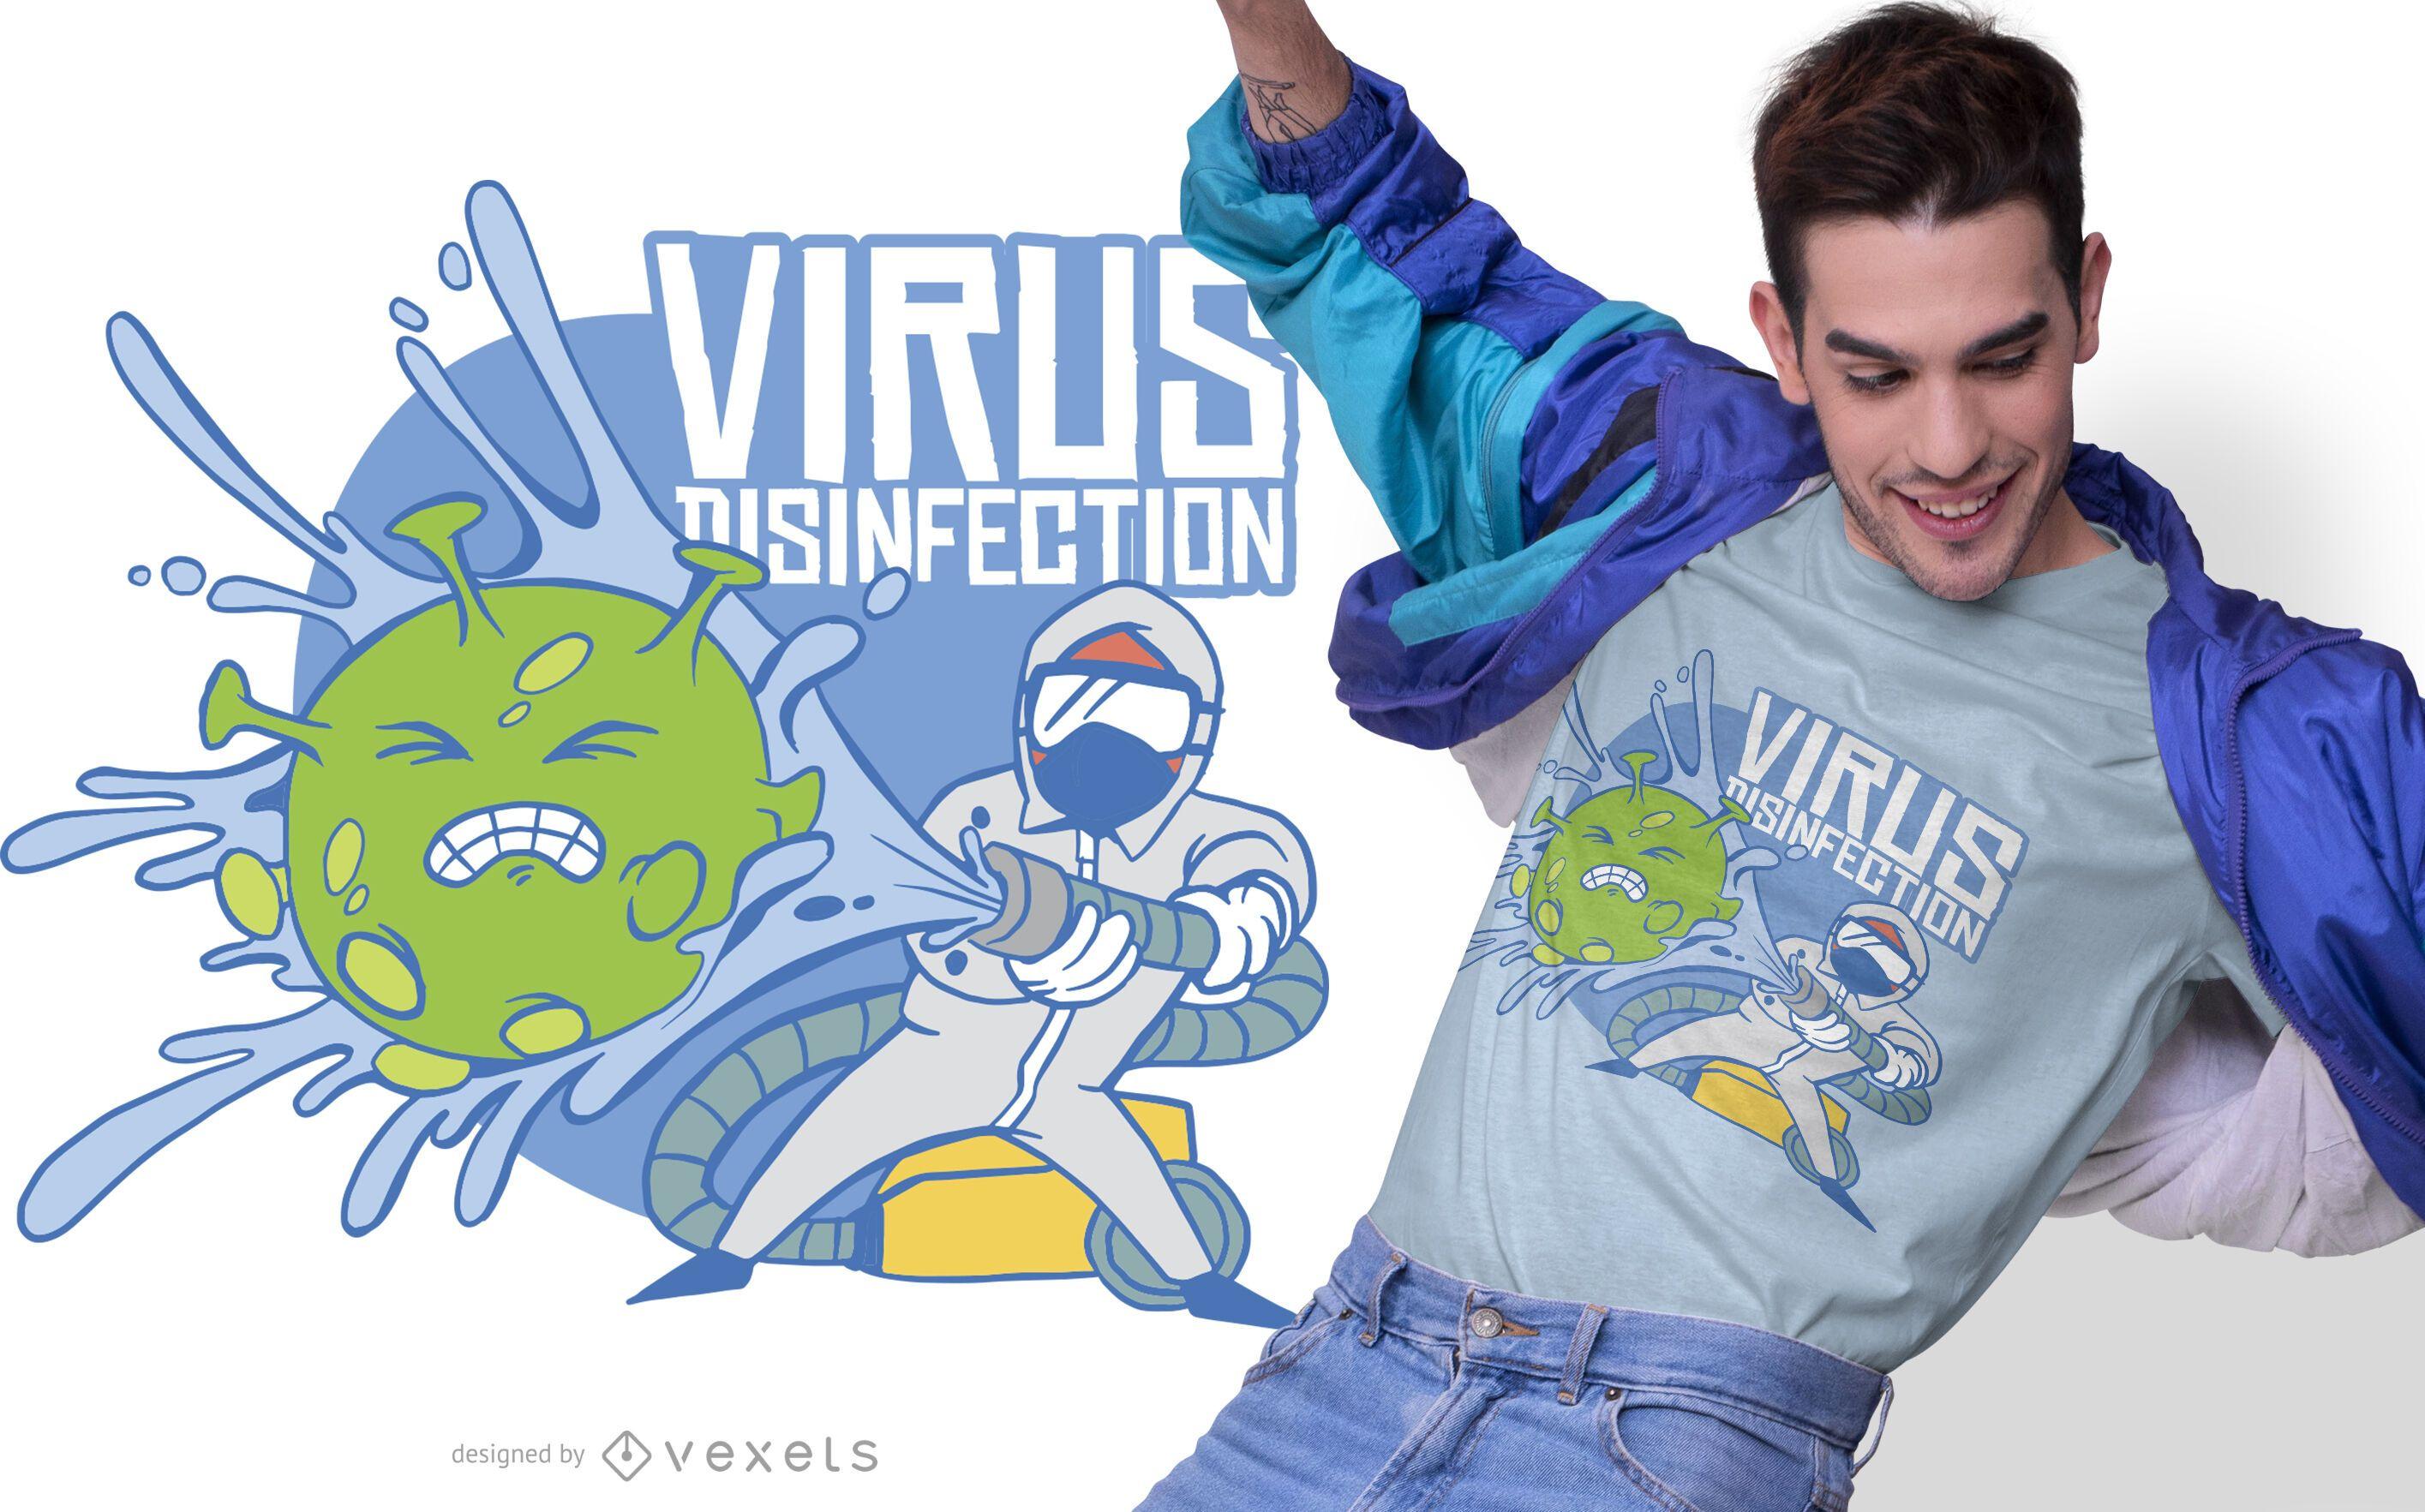 Dise?o de camiseta de desinfecci?n de virus